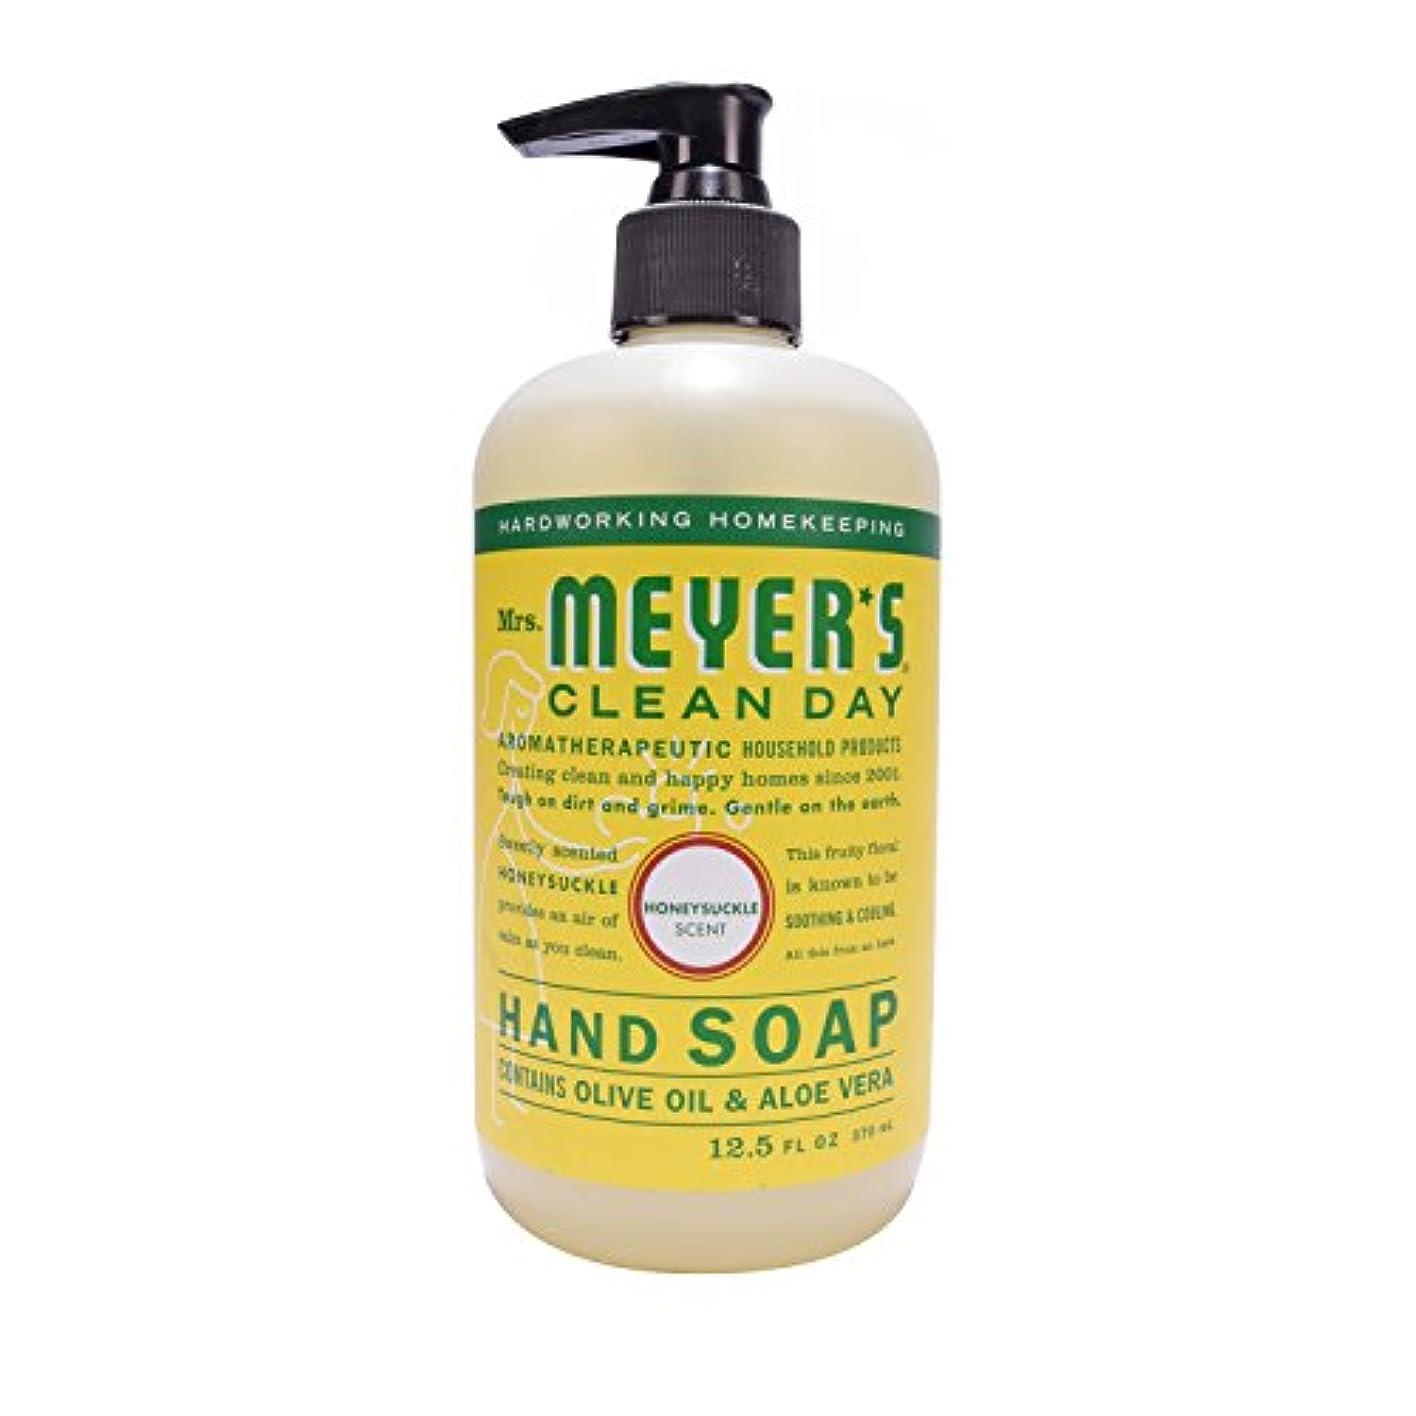 論争的偽善者温帯Mrs. Meyer's Clean Day Hand Soap Liquid, Honeysuckle, 12.5-Fluid Ounce Bottles by Mrs. Meyer's Clean Day